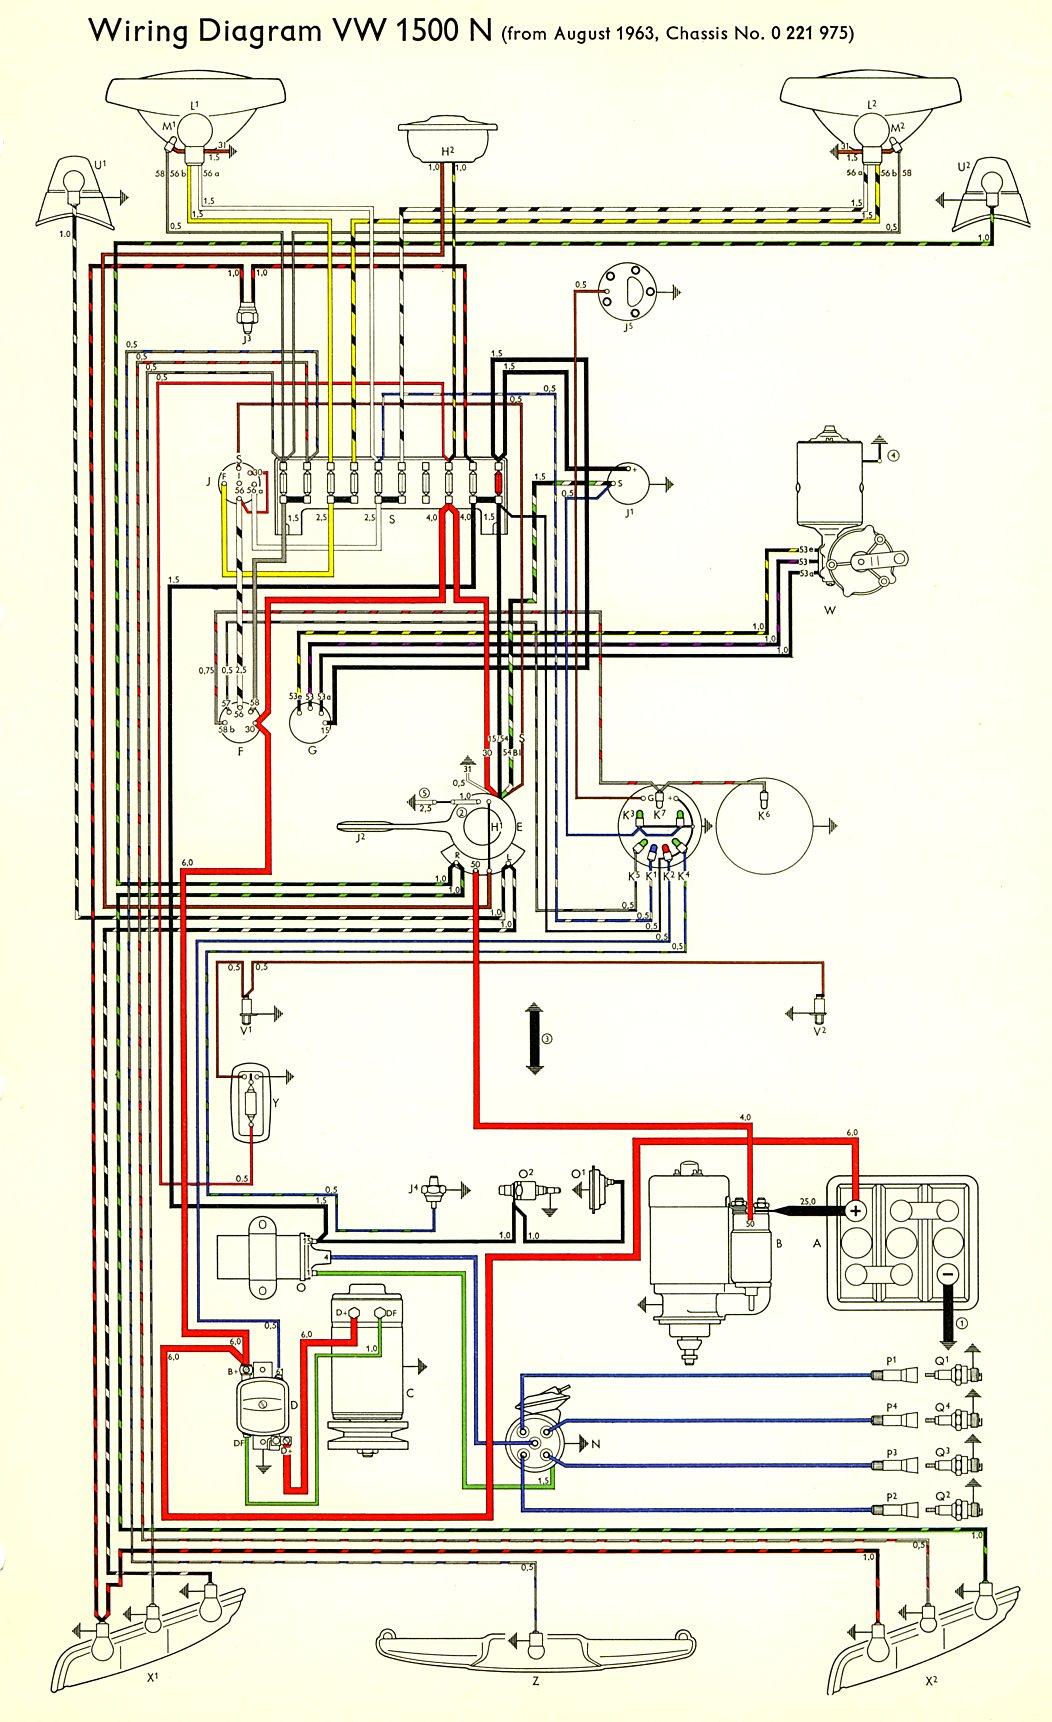 67 vw beetle wiring diagram murray riding mower thesamba type 3 diagrams